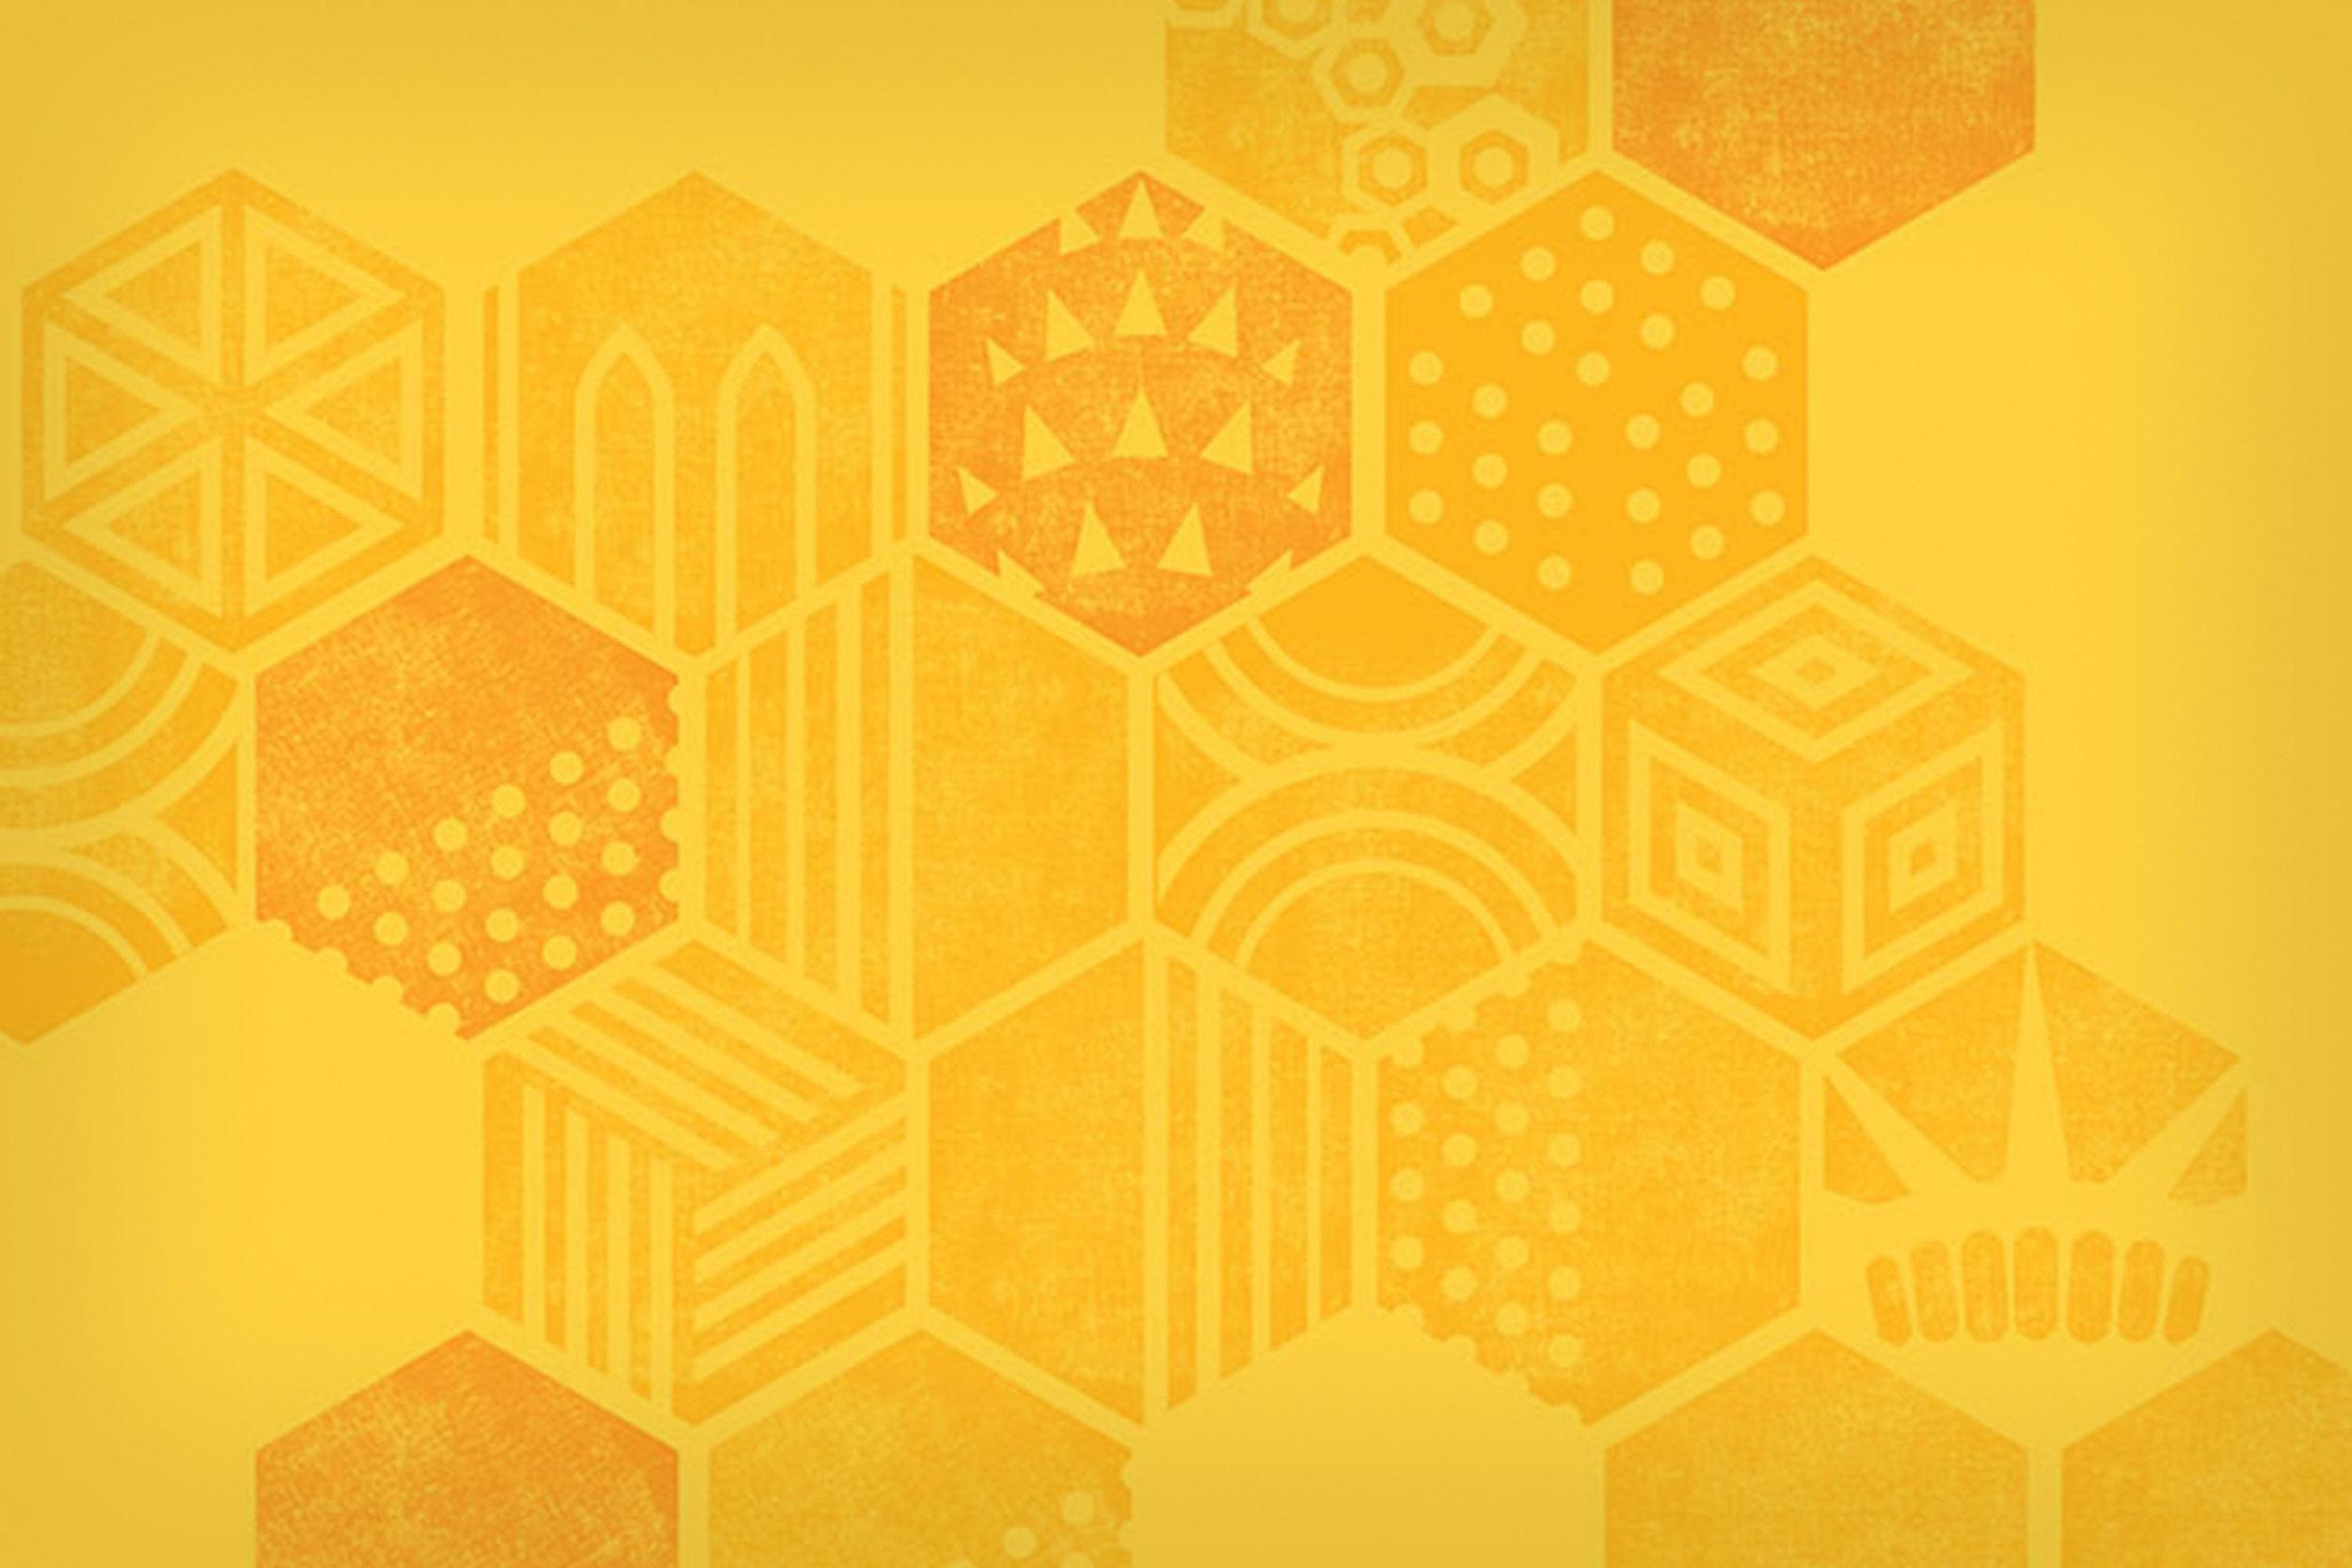 NYCBA_hexagons.jpg